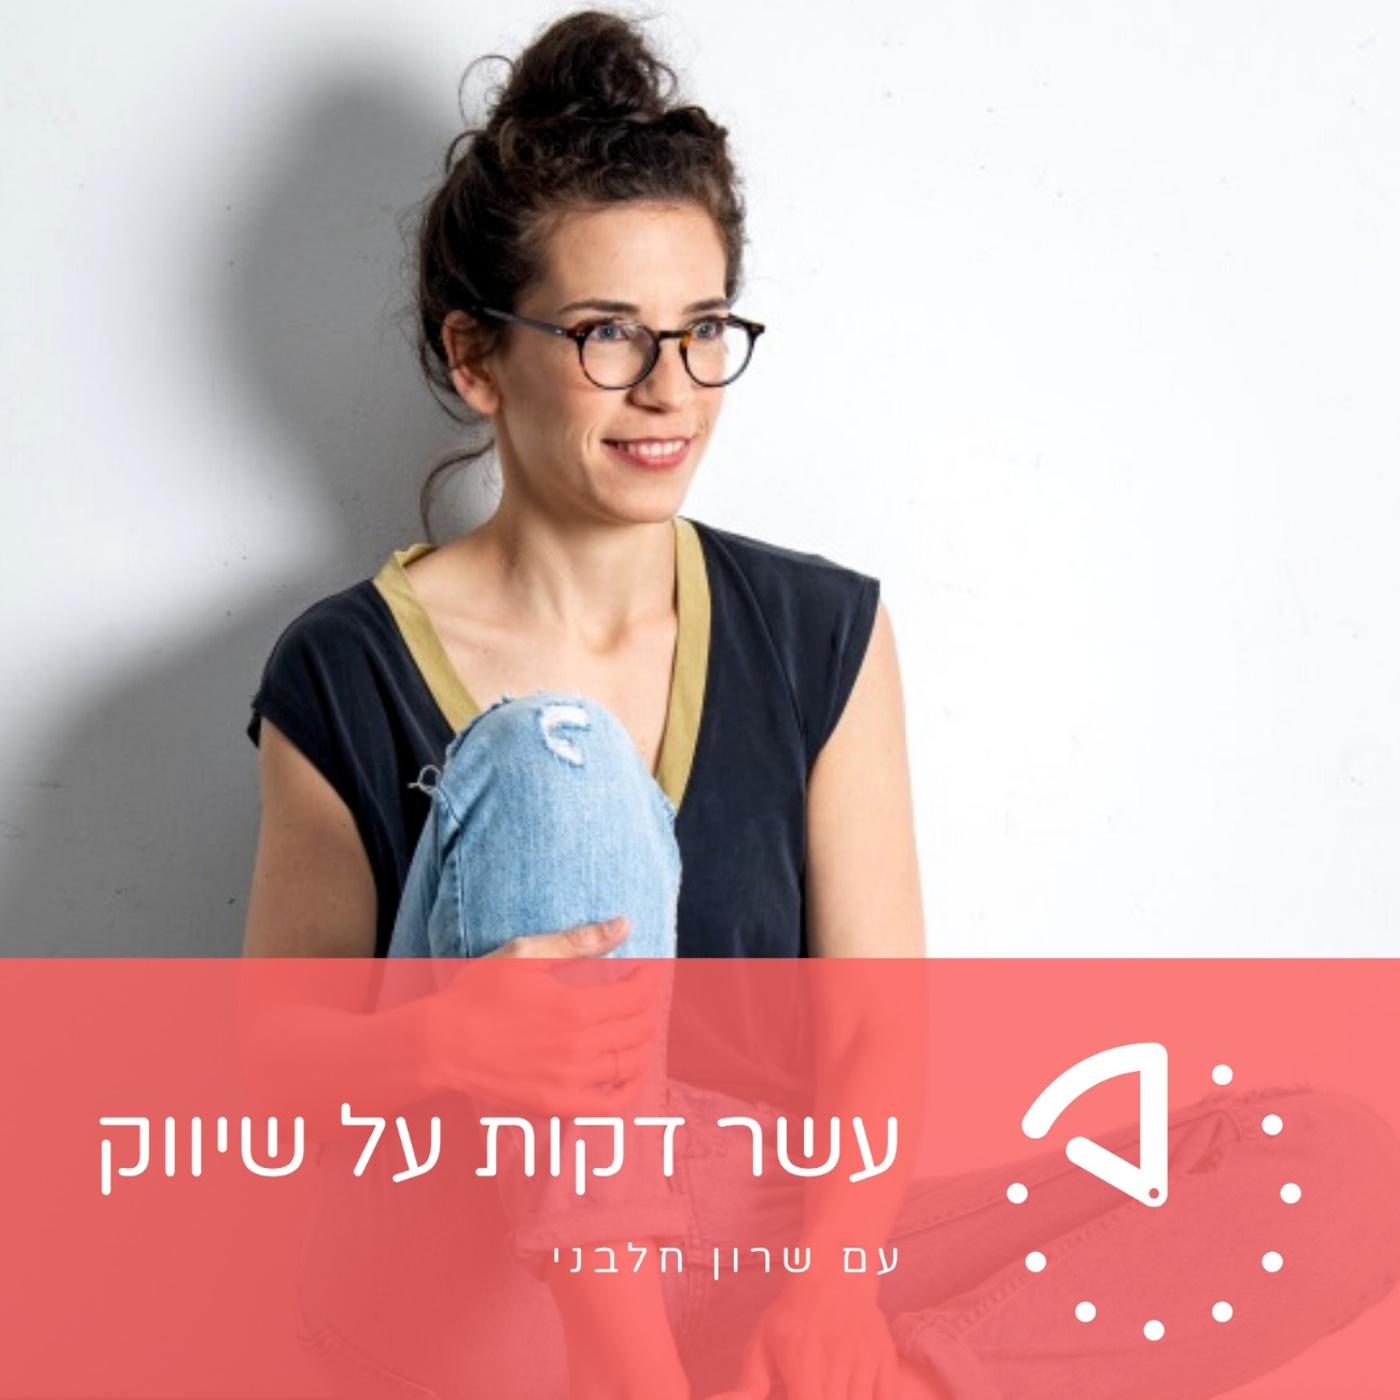 יעל צלניק – Laliway – פרסום מפה לאוזן ותוכנית רפרל